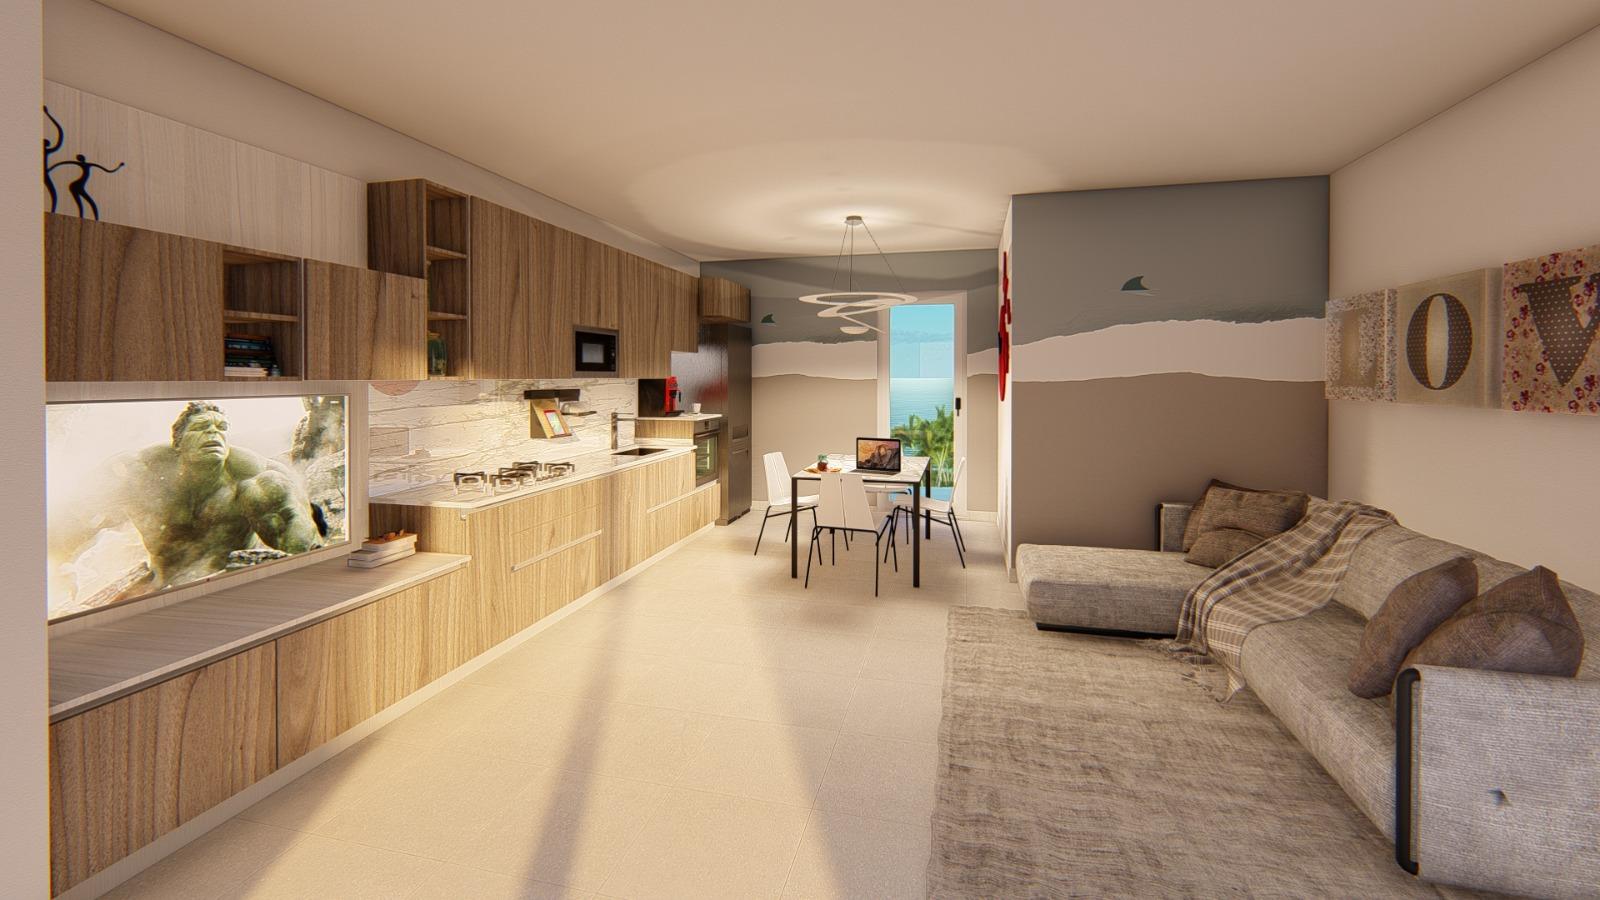 Cucina Soggiorno Stretta E Lunga cucina lunga e stretta visibile con tavolo e zona tv |